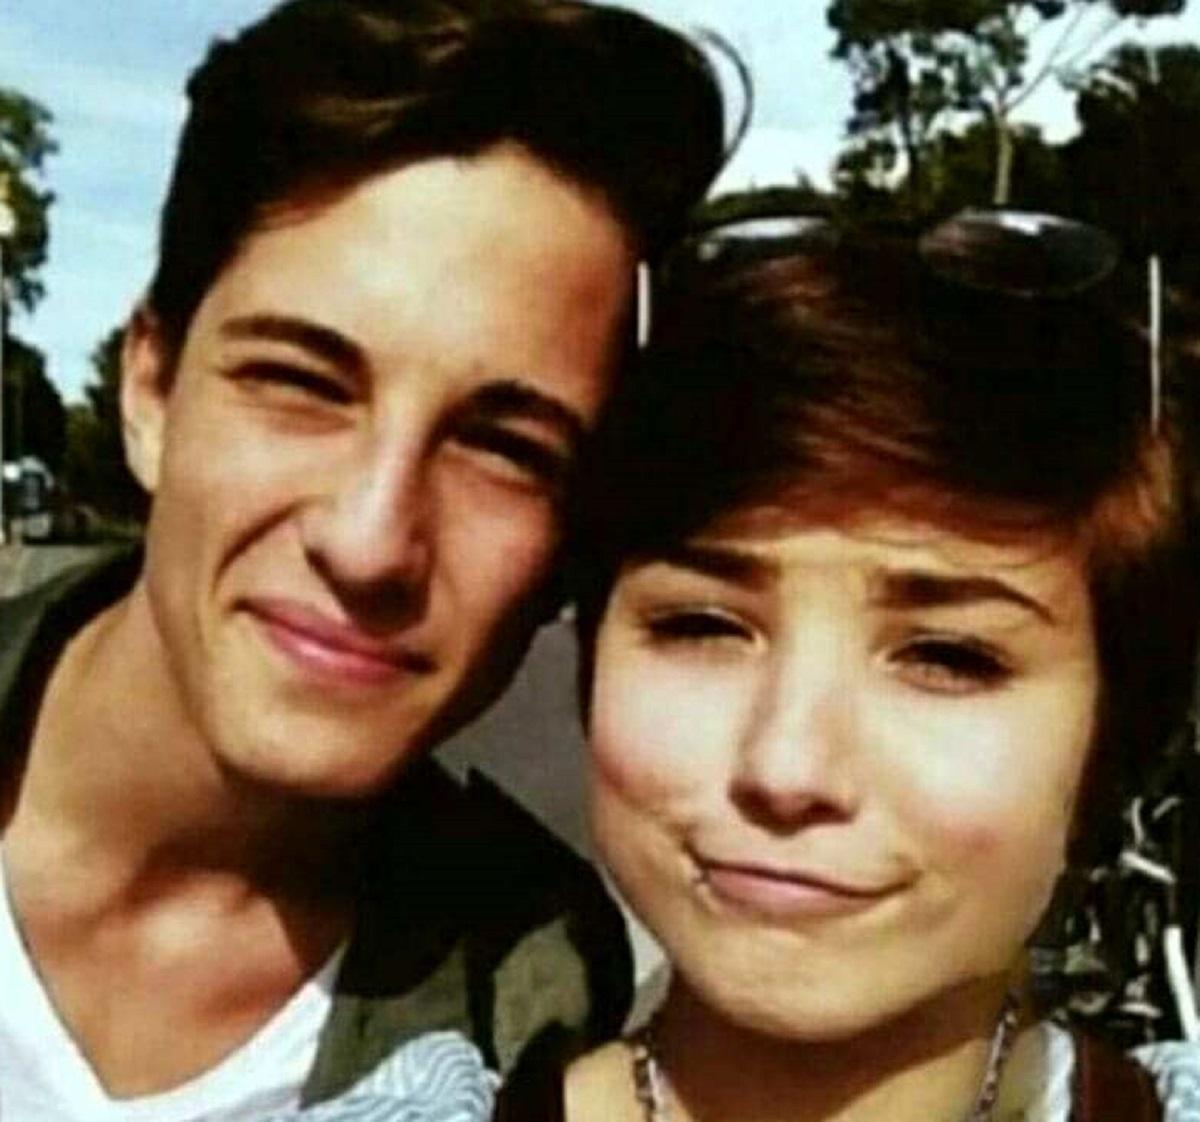 Giorgia Soleri replica critica operazione utente